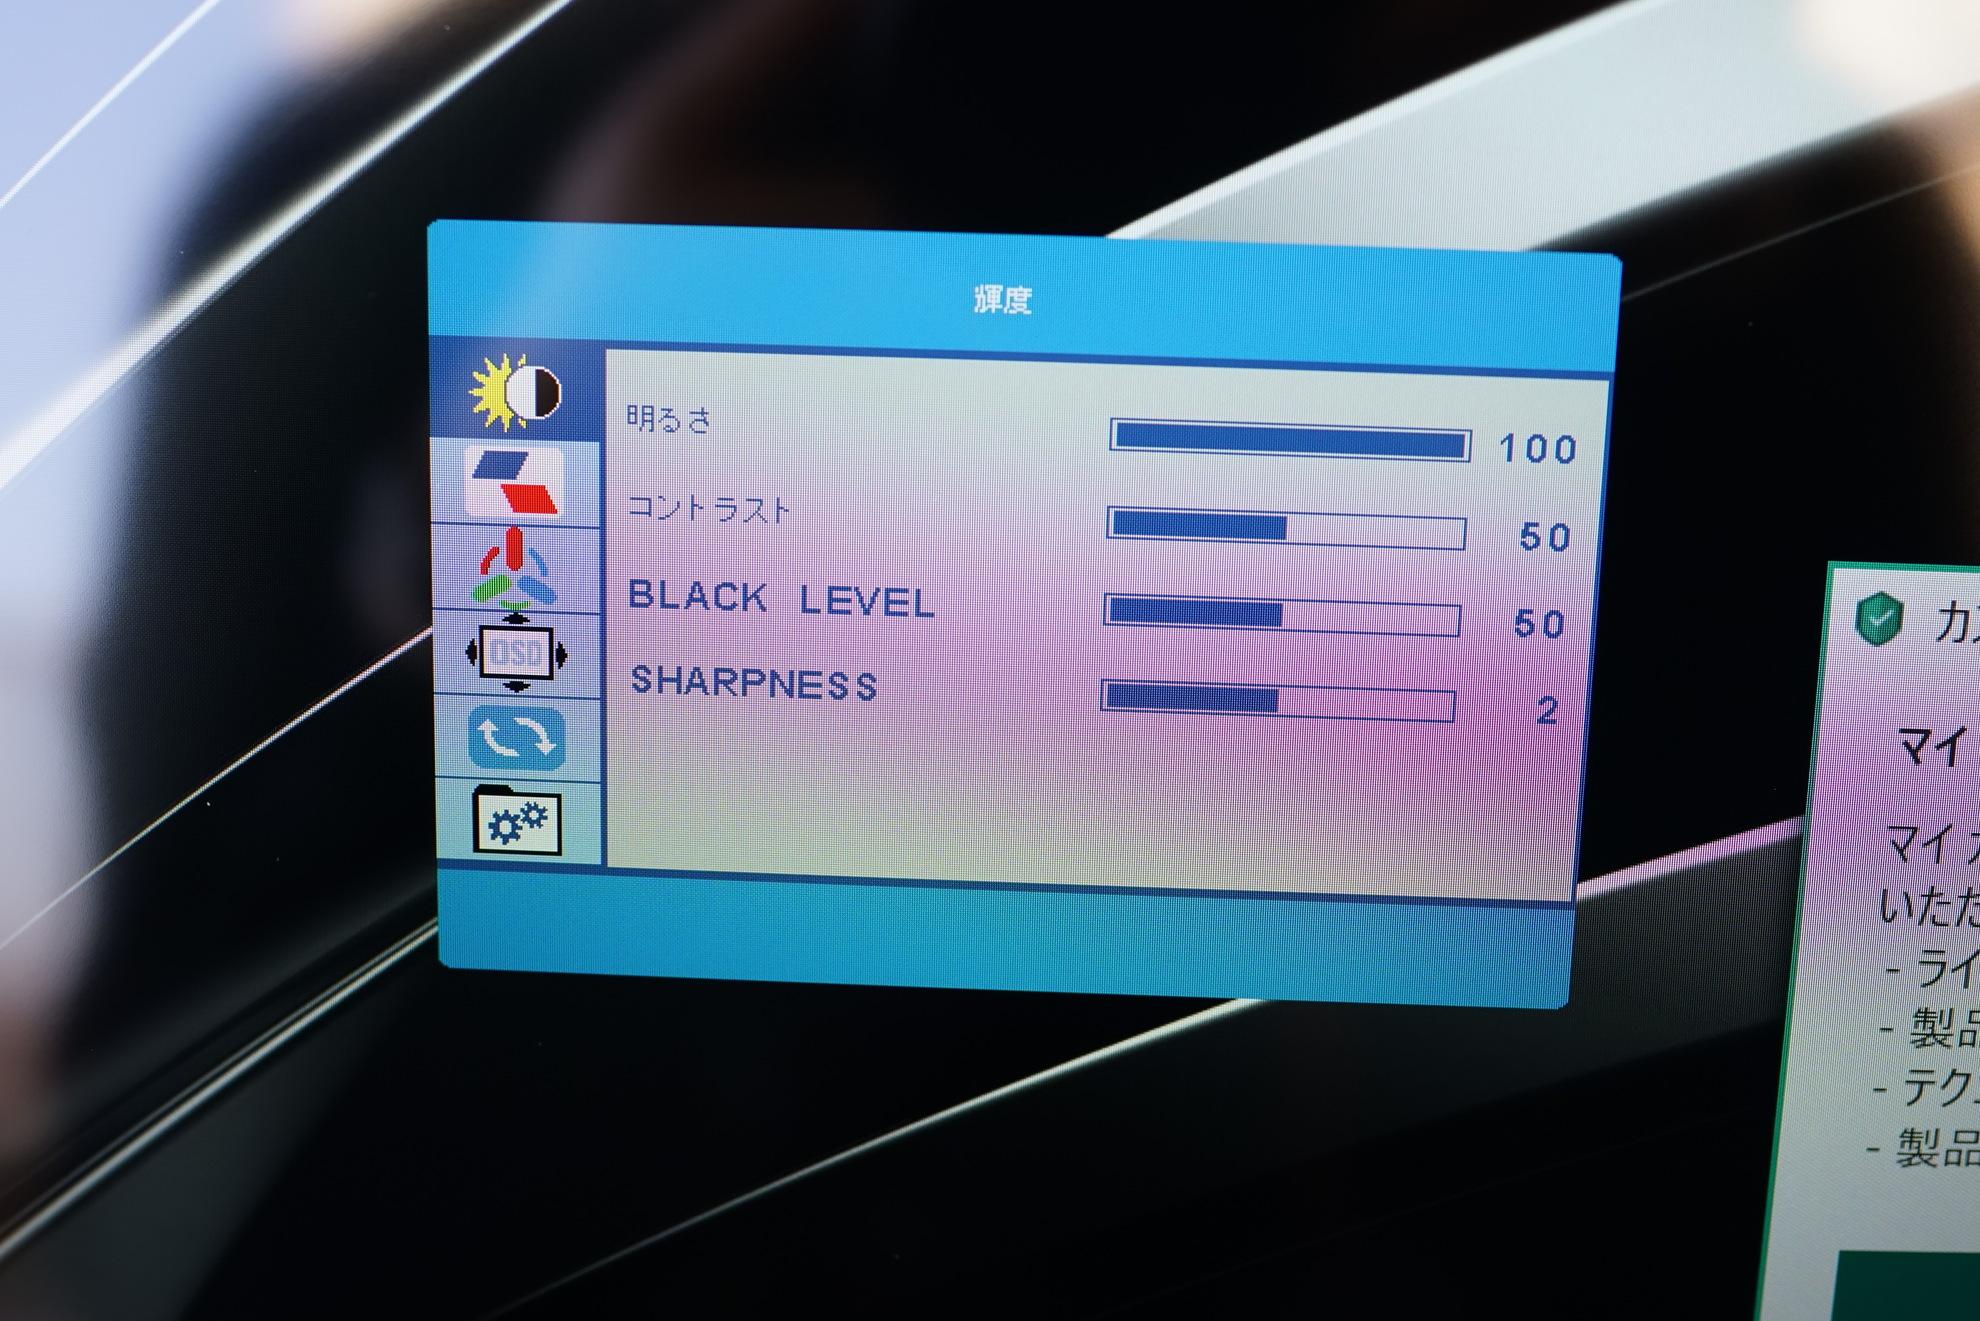 Lepow Z1-Gamut高色域15.6インチFHDポータブルモニターレビュー